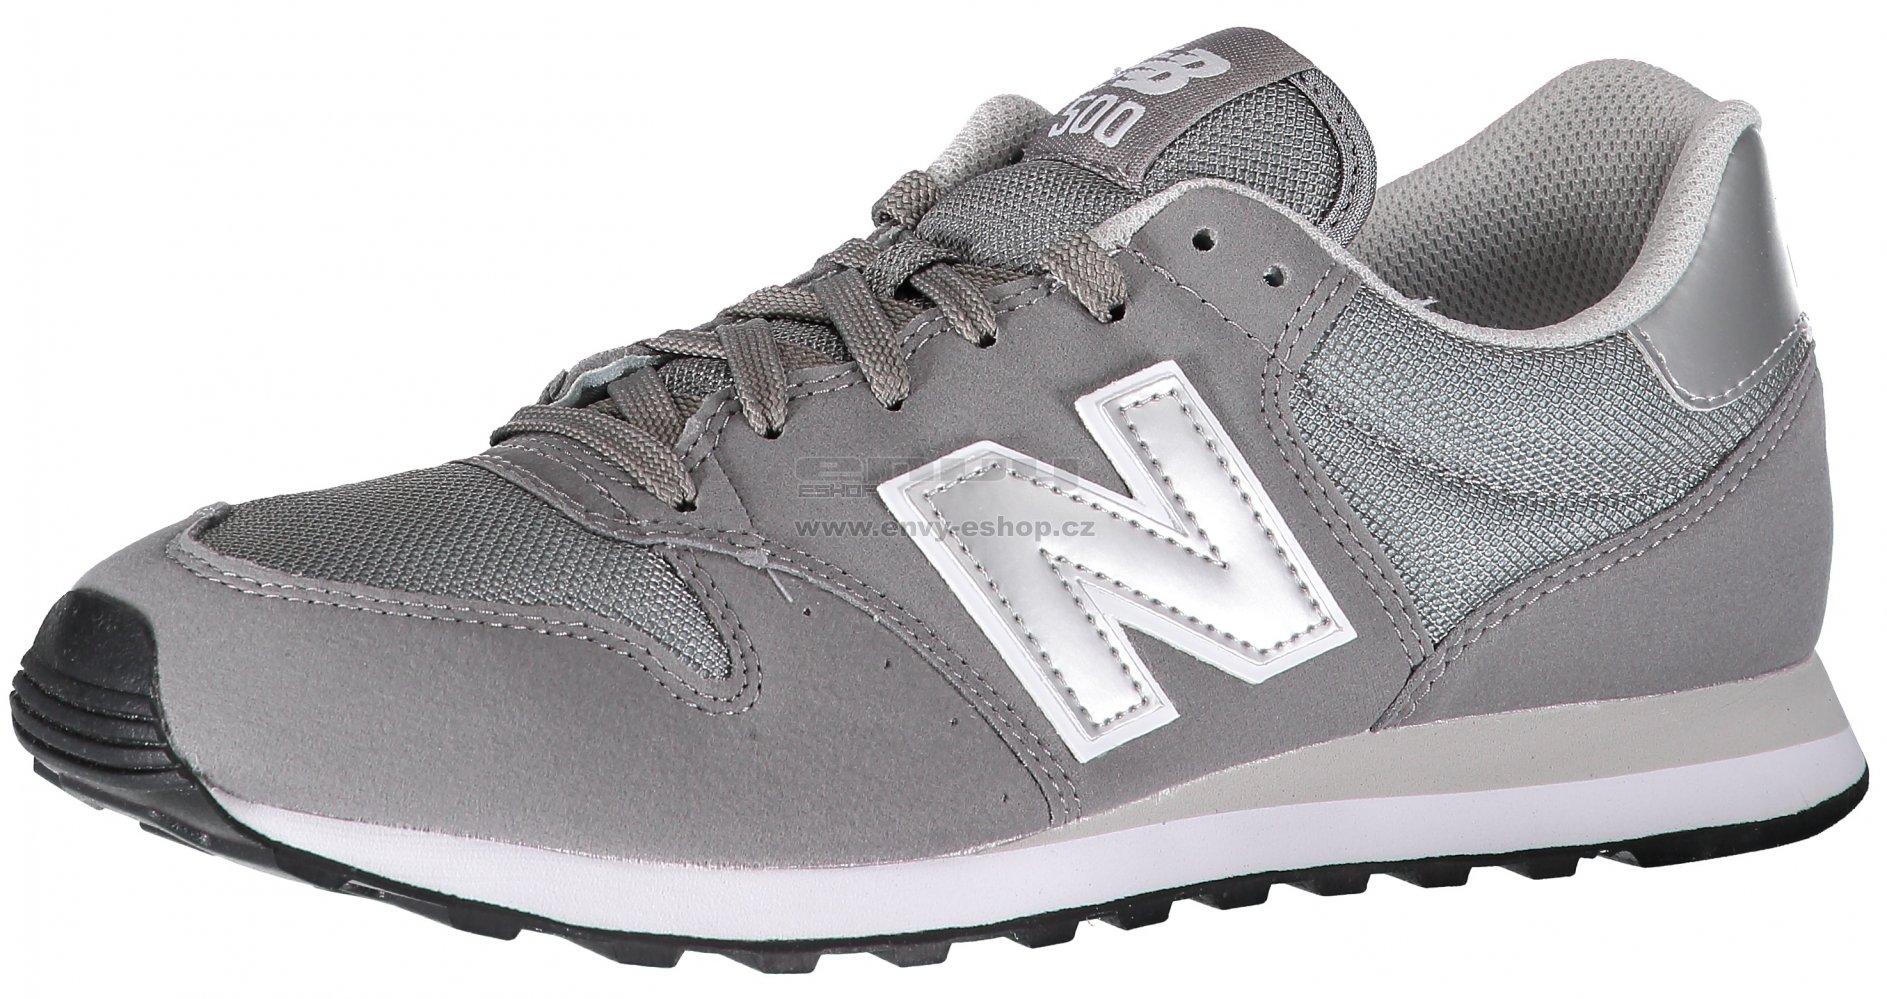 Pánská volnočasová obuv NEW BALANCE GM500GRY GREY velikost  EU 44 e5dbe950e82